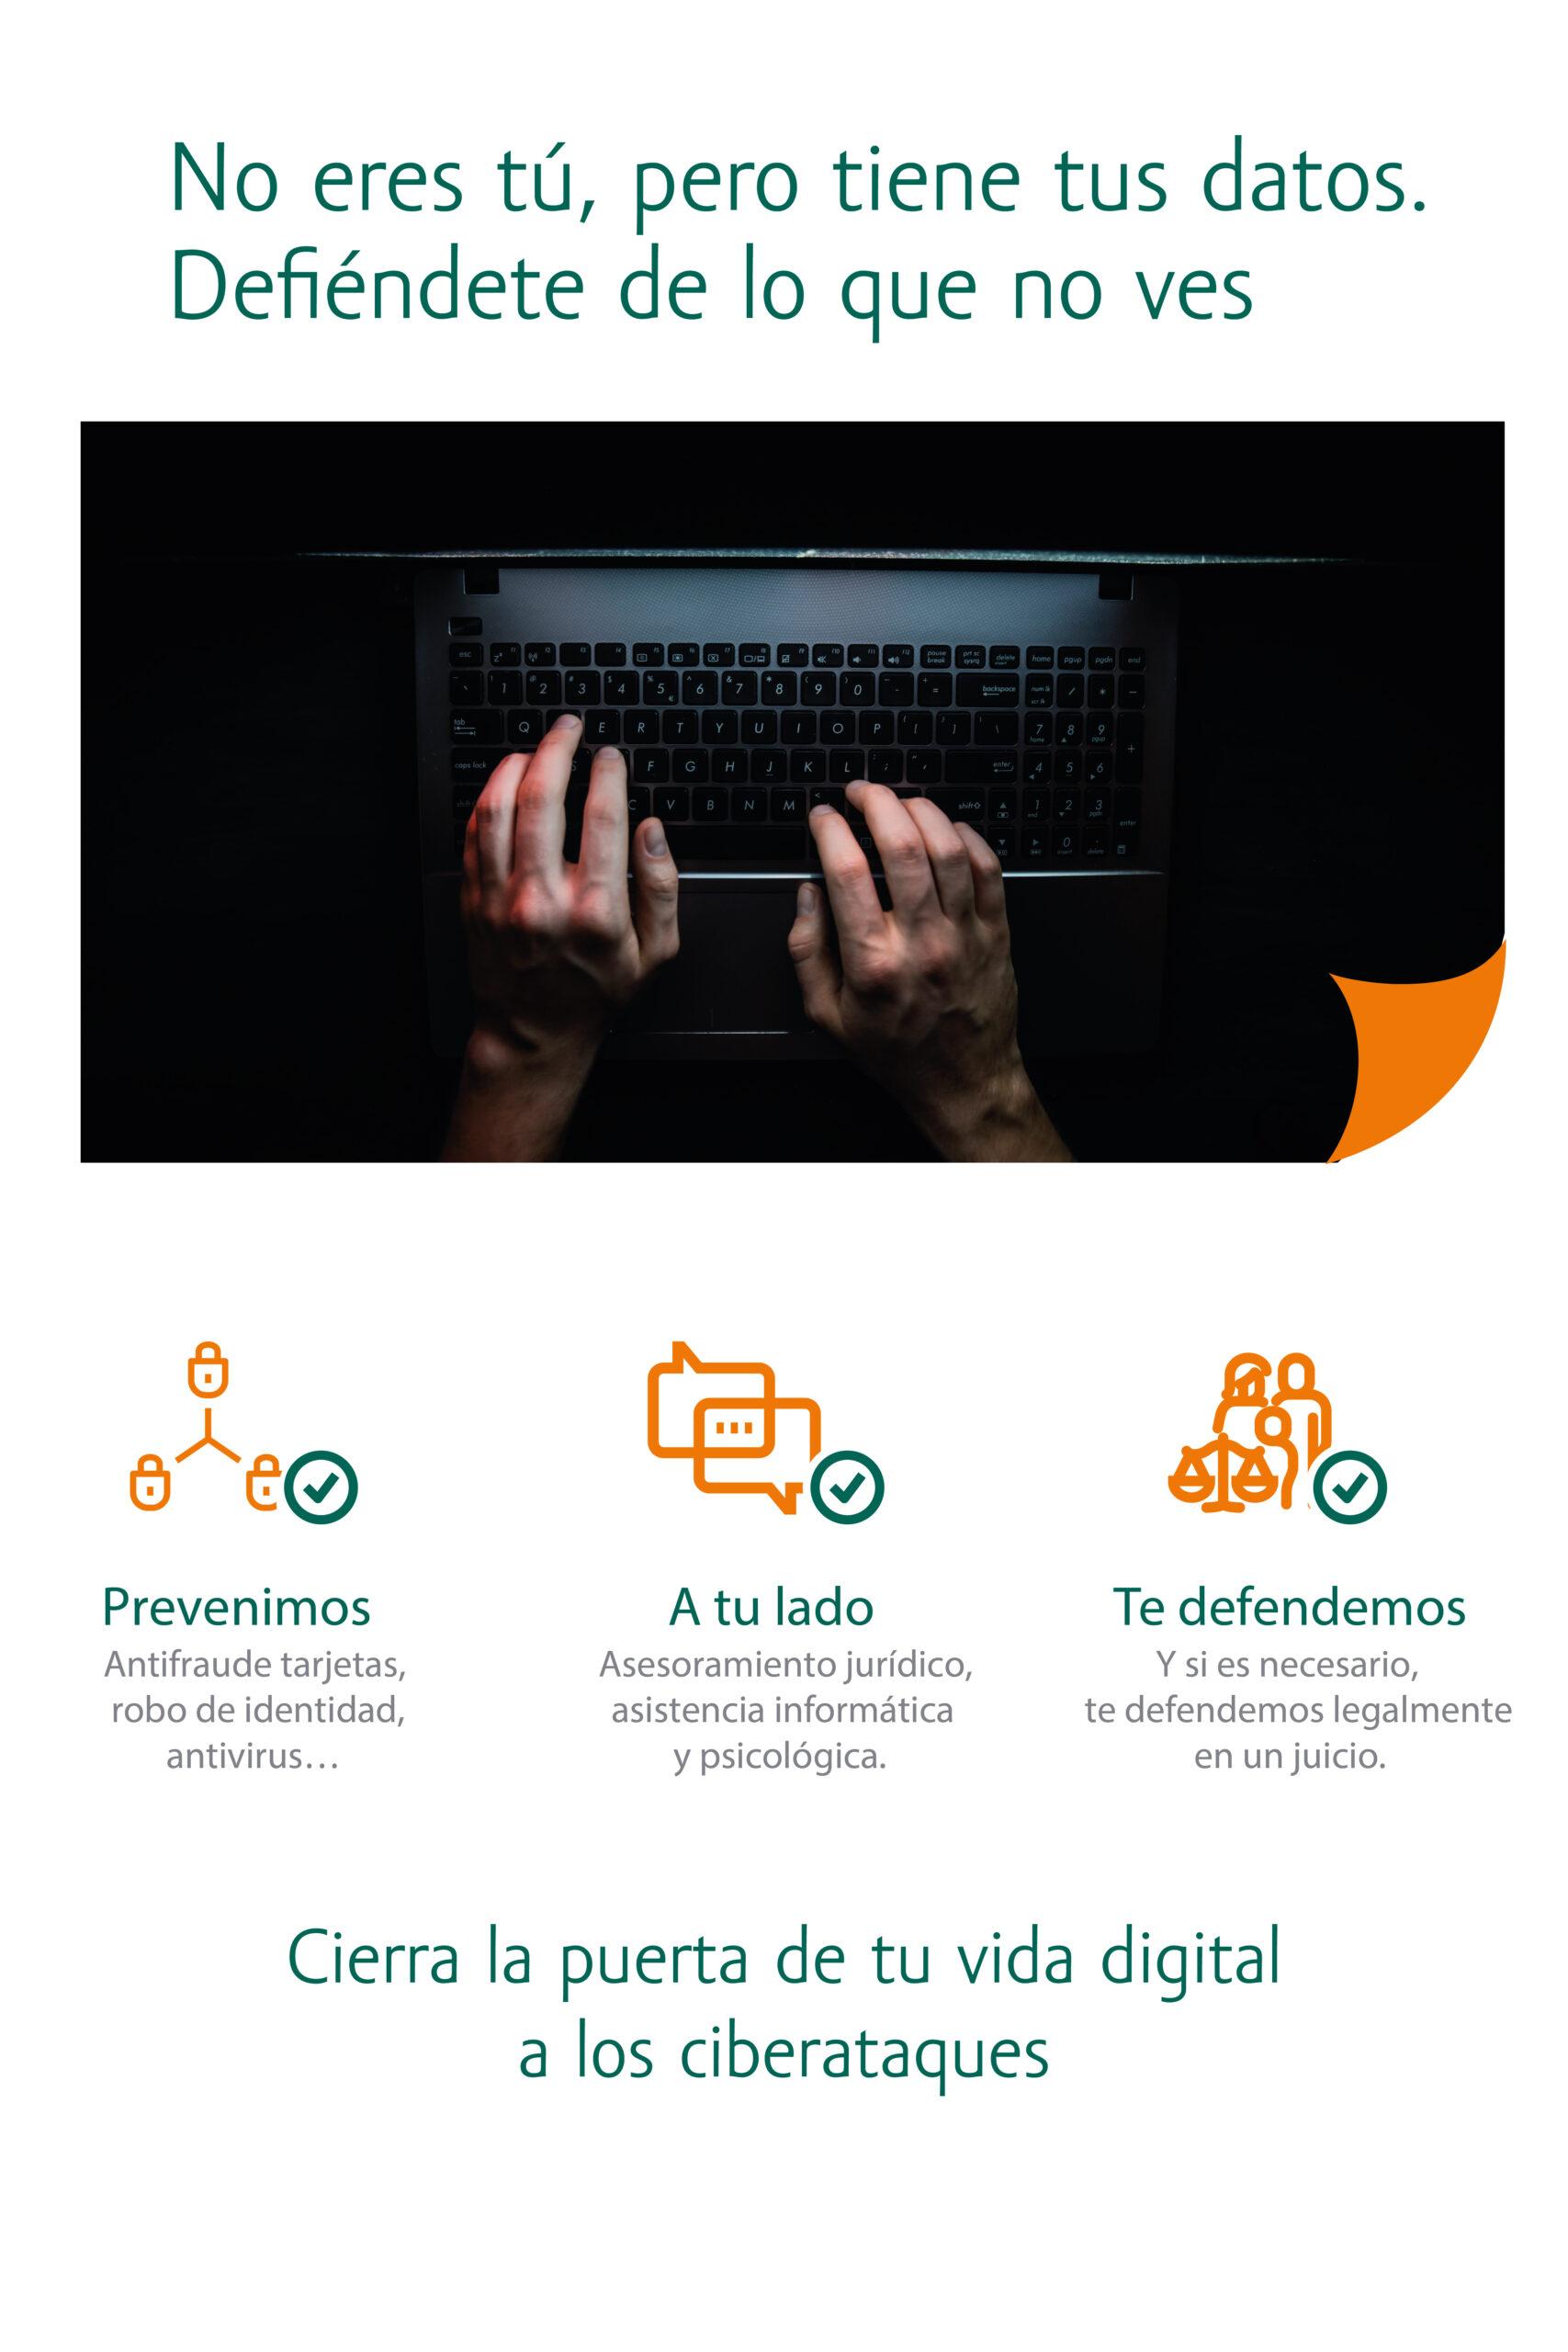 Seguro para protegerte de los ataques desde internet Cyber Protección